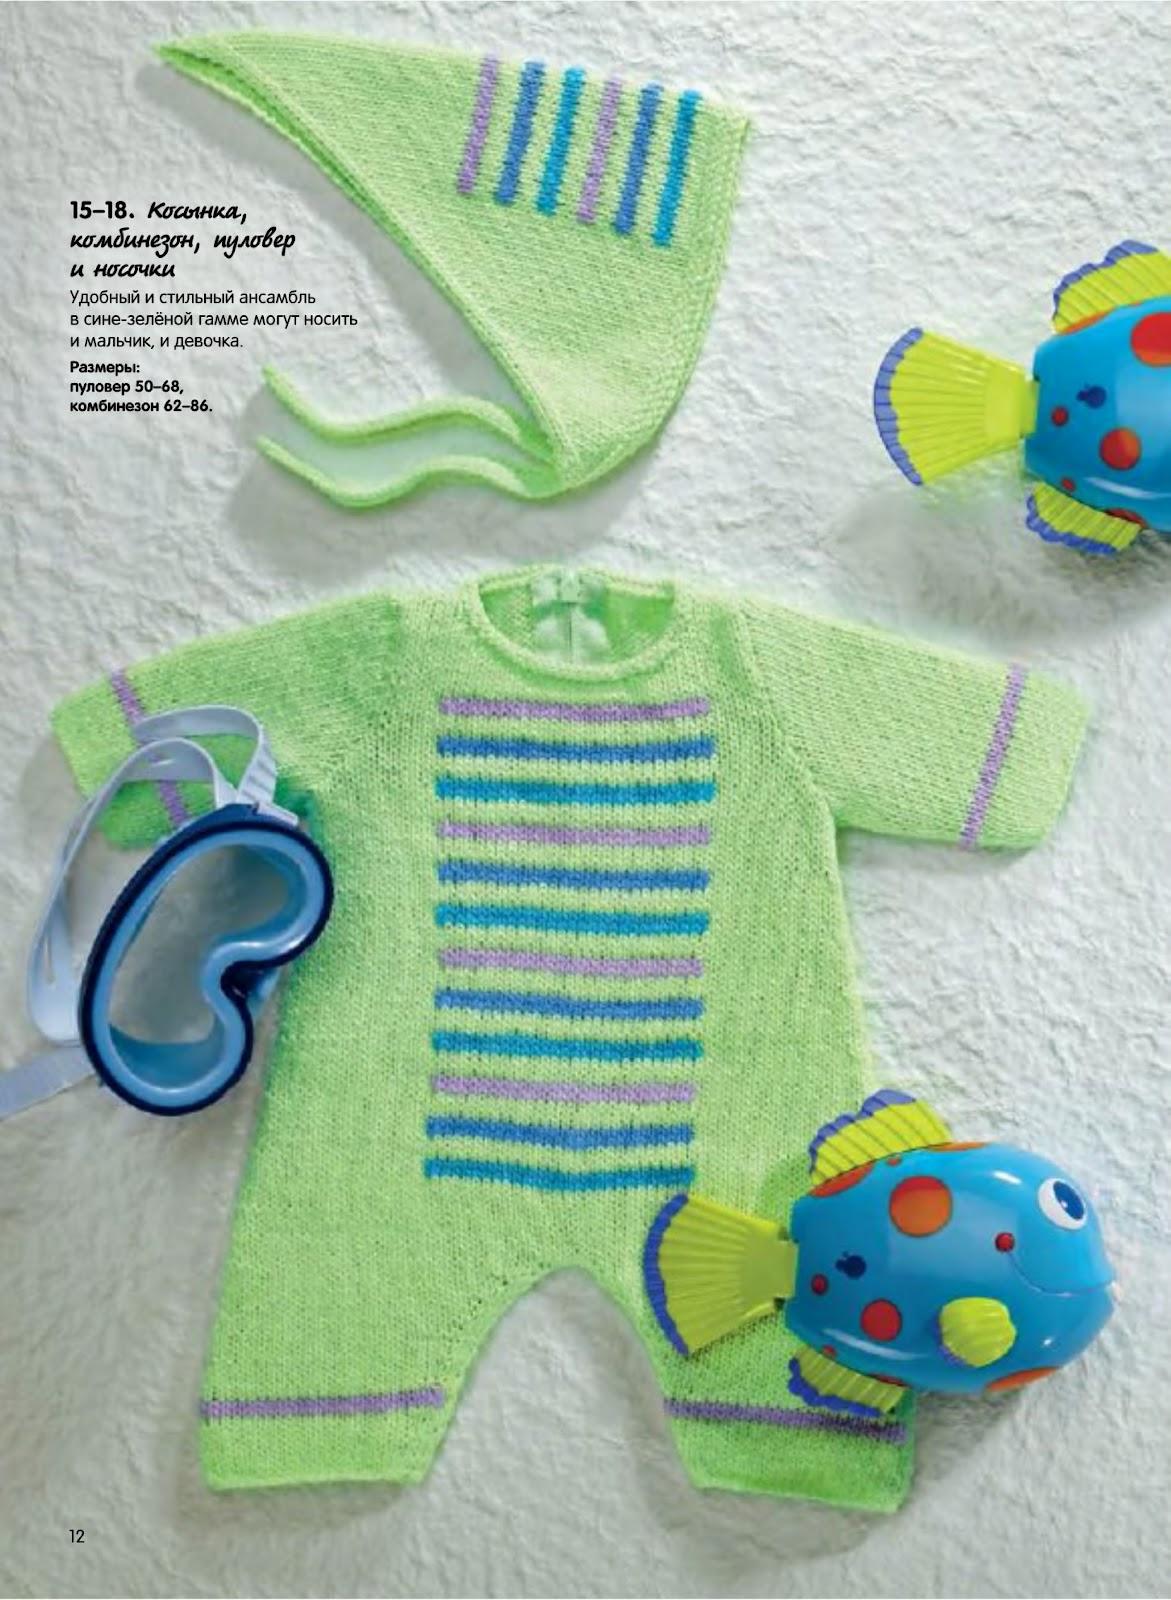 Вязание спицами для новорожденных детей: схемы комбинезона, жакета, косынки и носочков